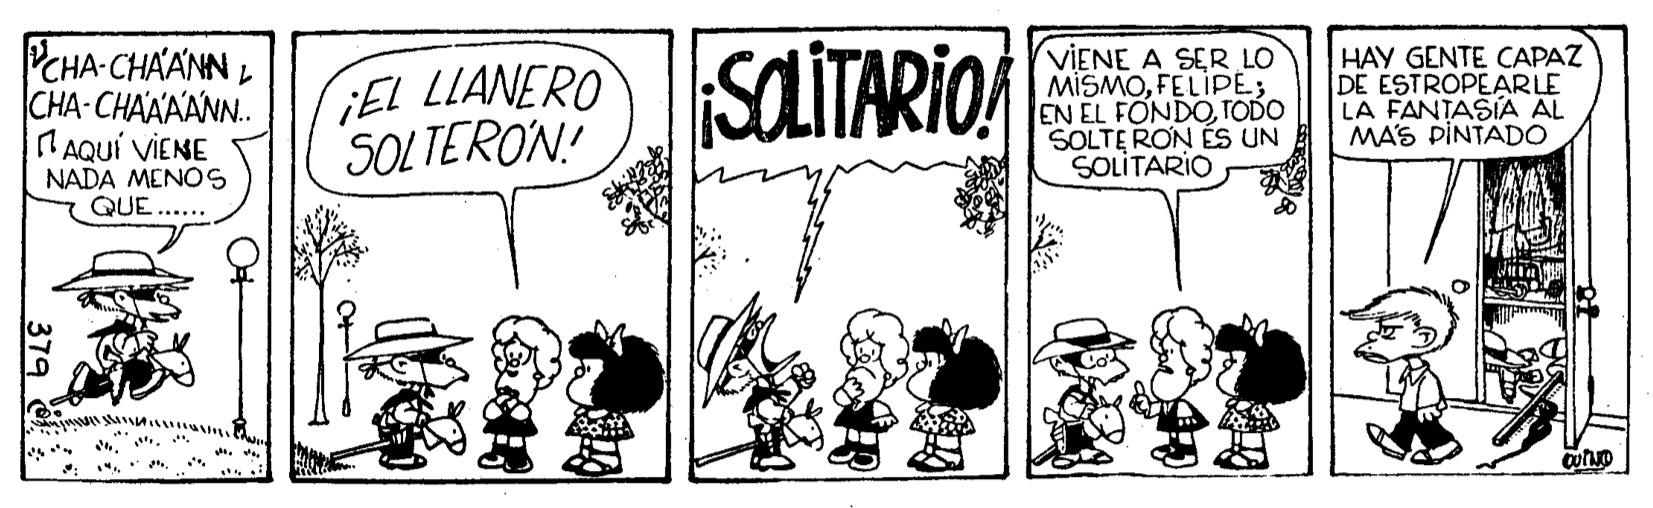 QUINO_Mafalda_no379_Llanero_solitario.jpg